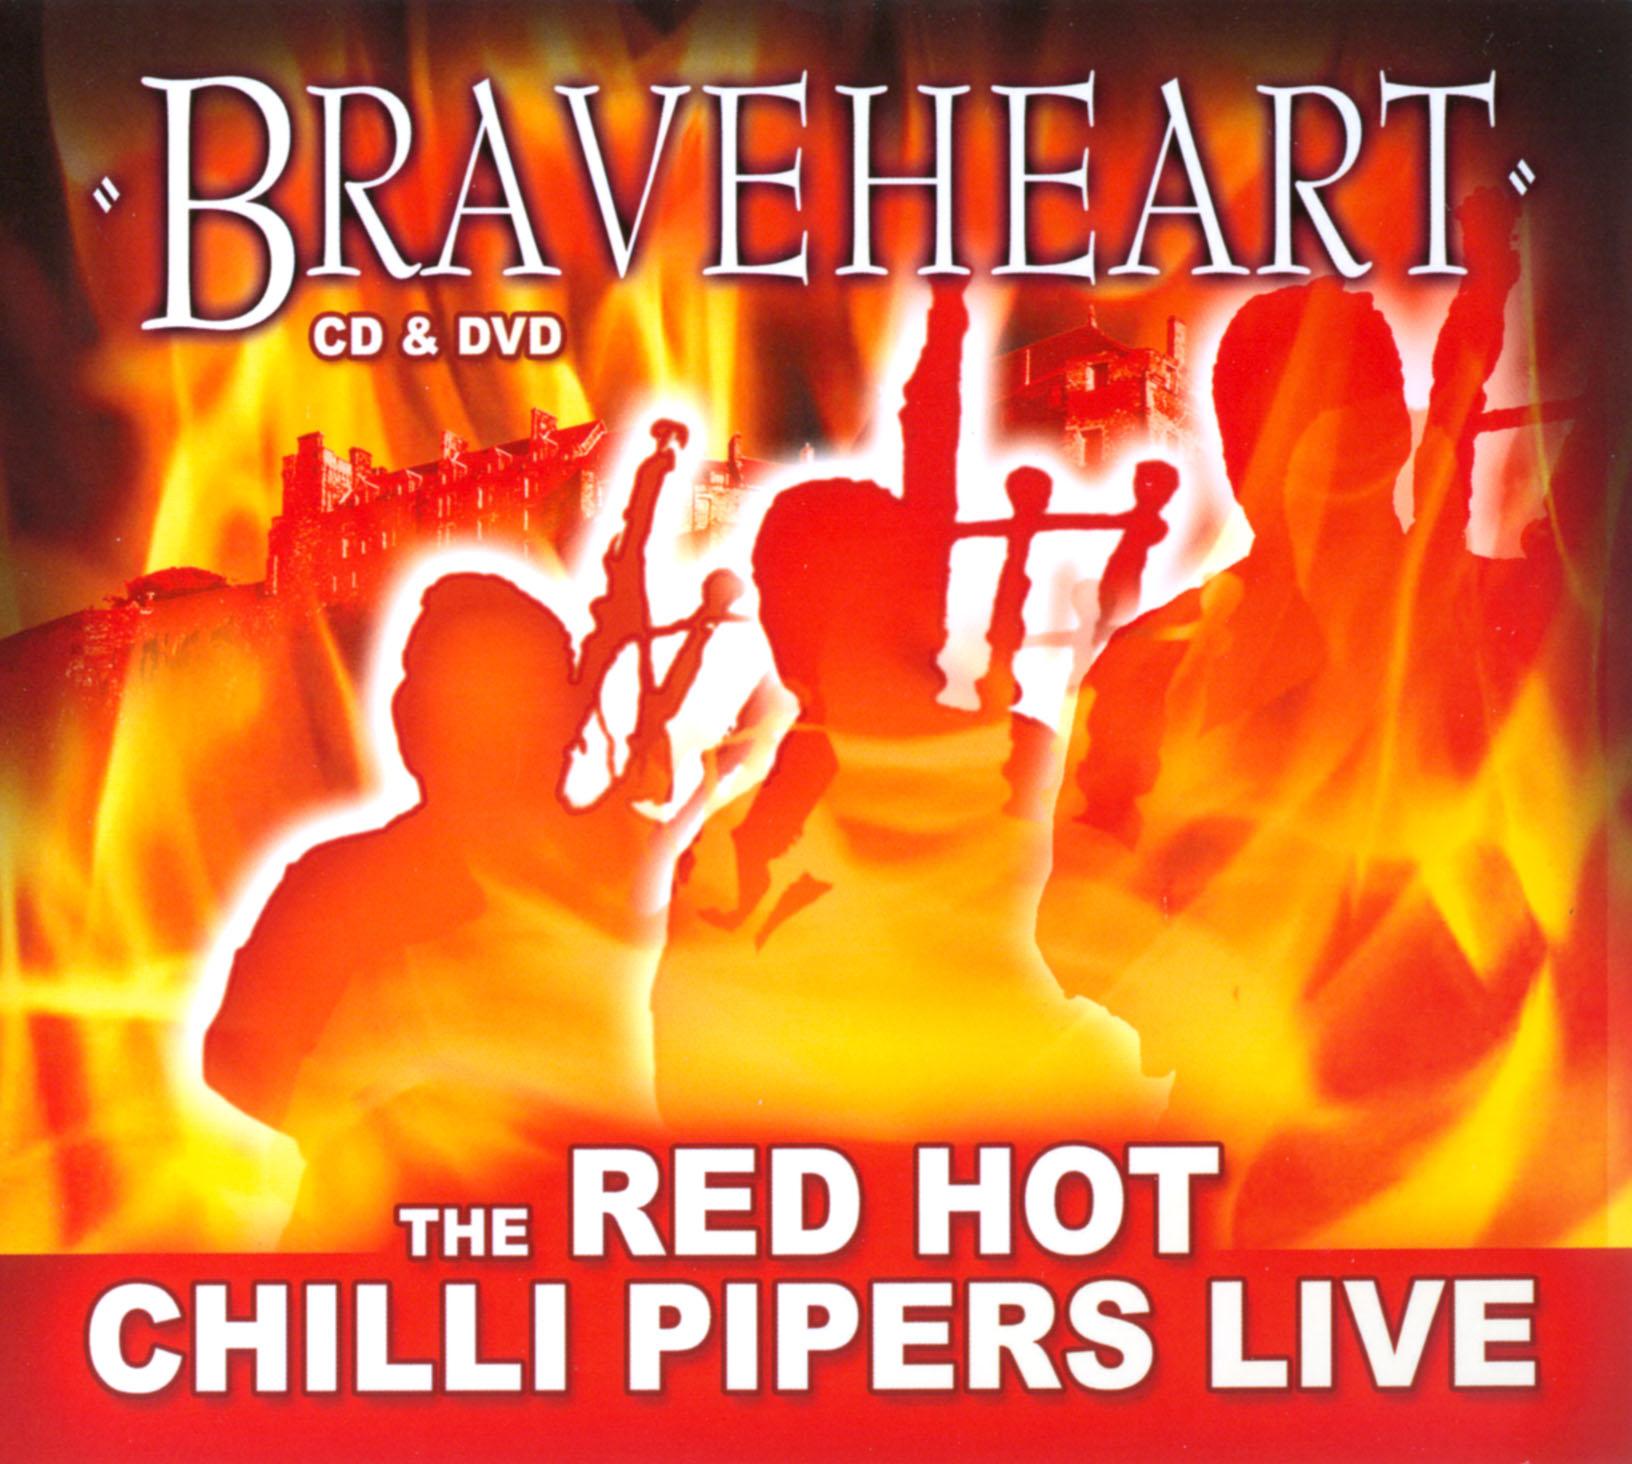 The Red Hot Chilli Pipers: The Red Hot Chilli Pipers in Saudi Arabia